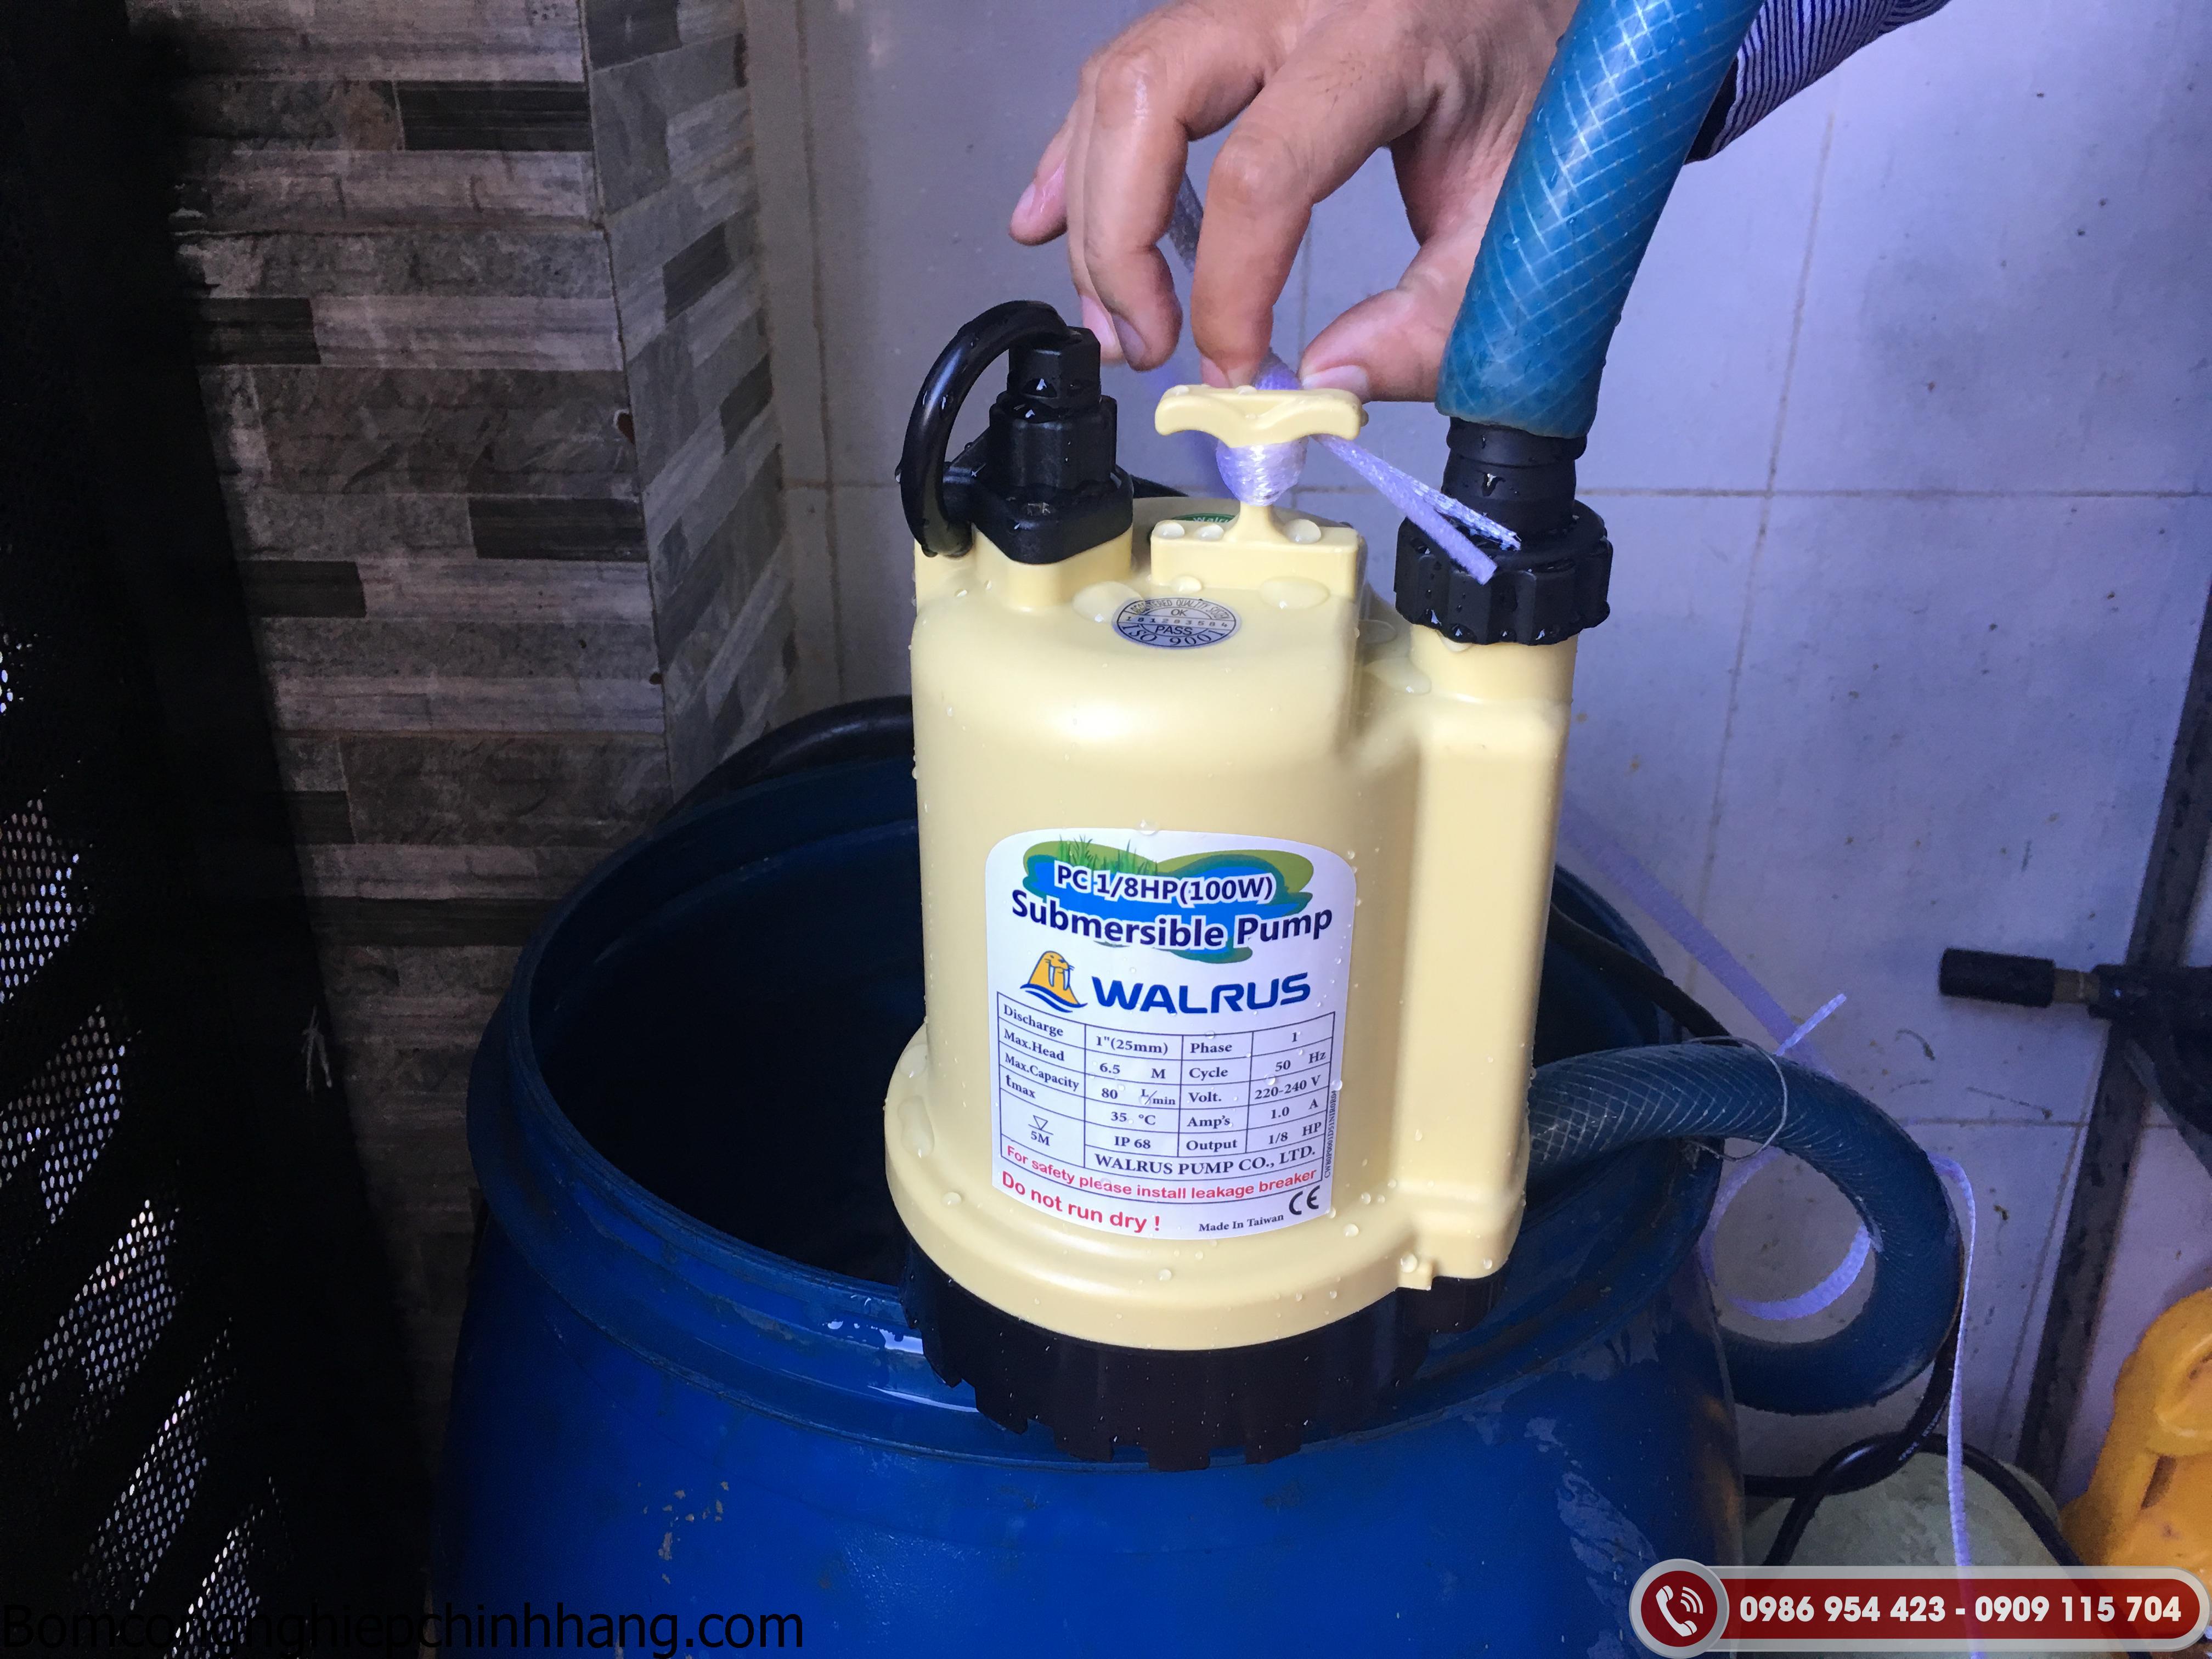 Máy bơm chìm nước thải chất lượng cao giá tốt trên toàn quốc